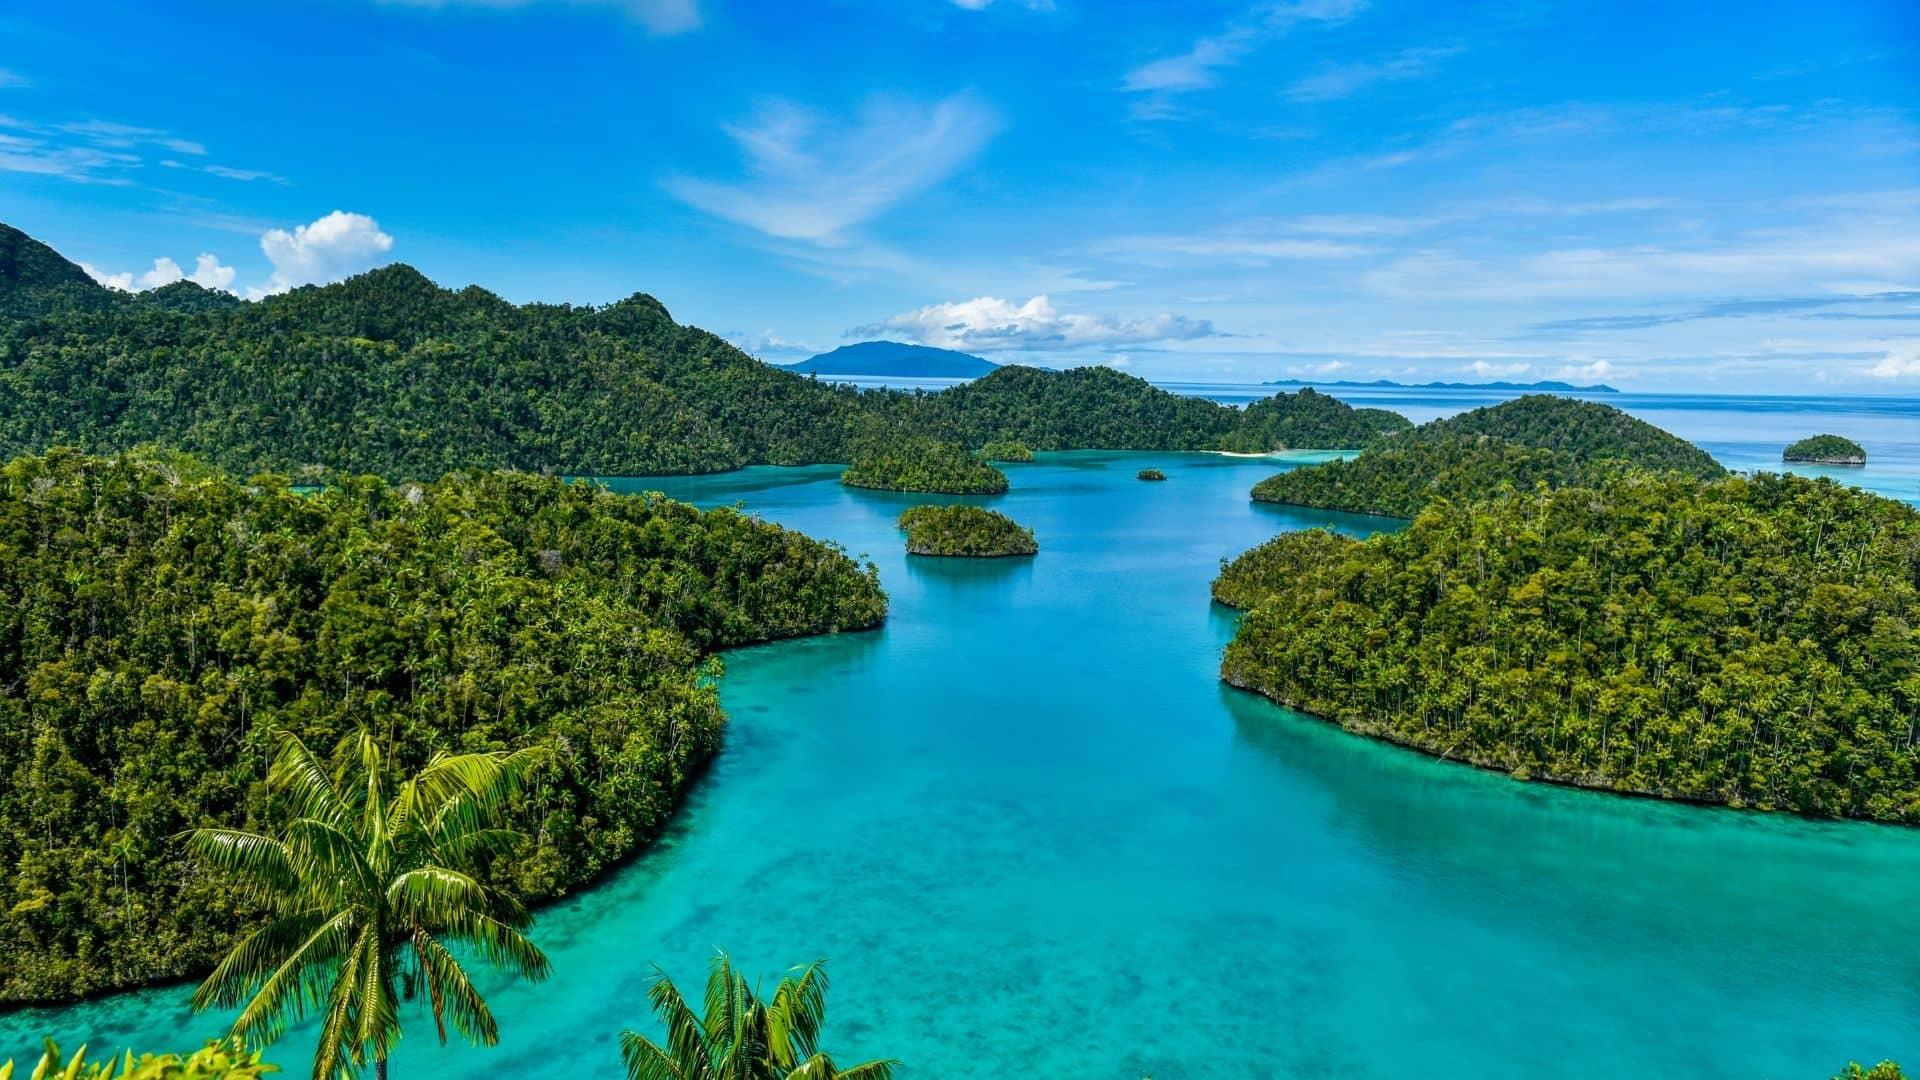 Mejores playas àra visitar en India está La isla de raja Ampat